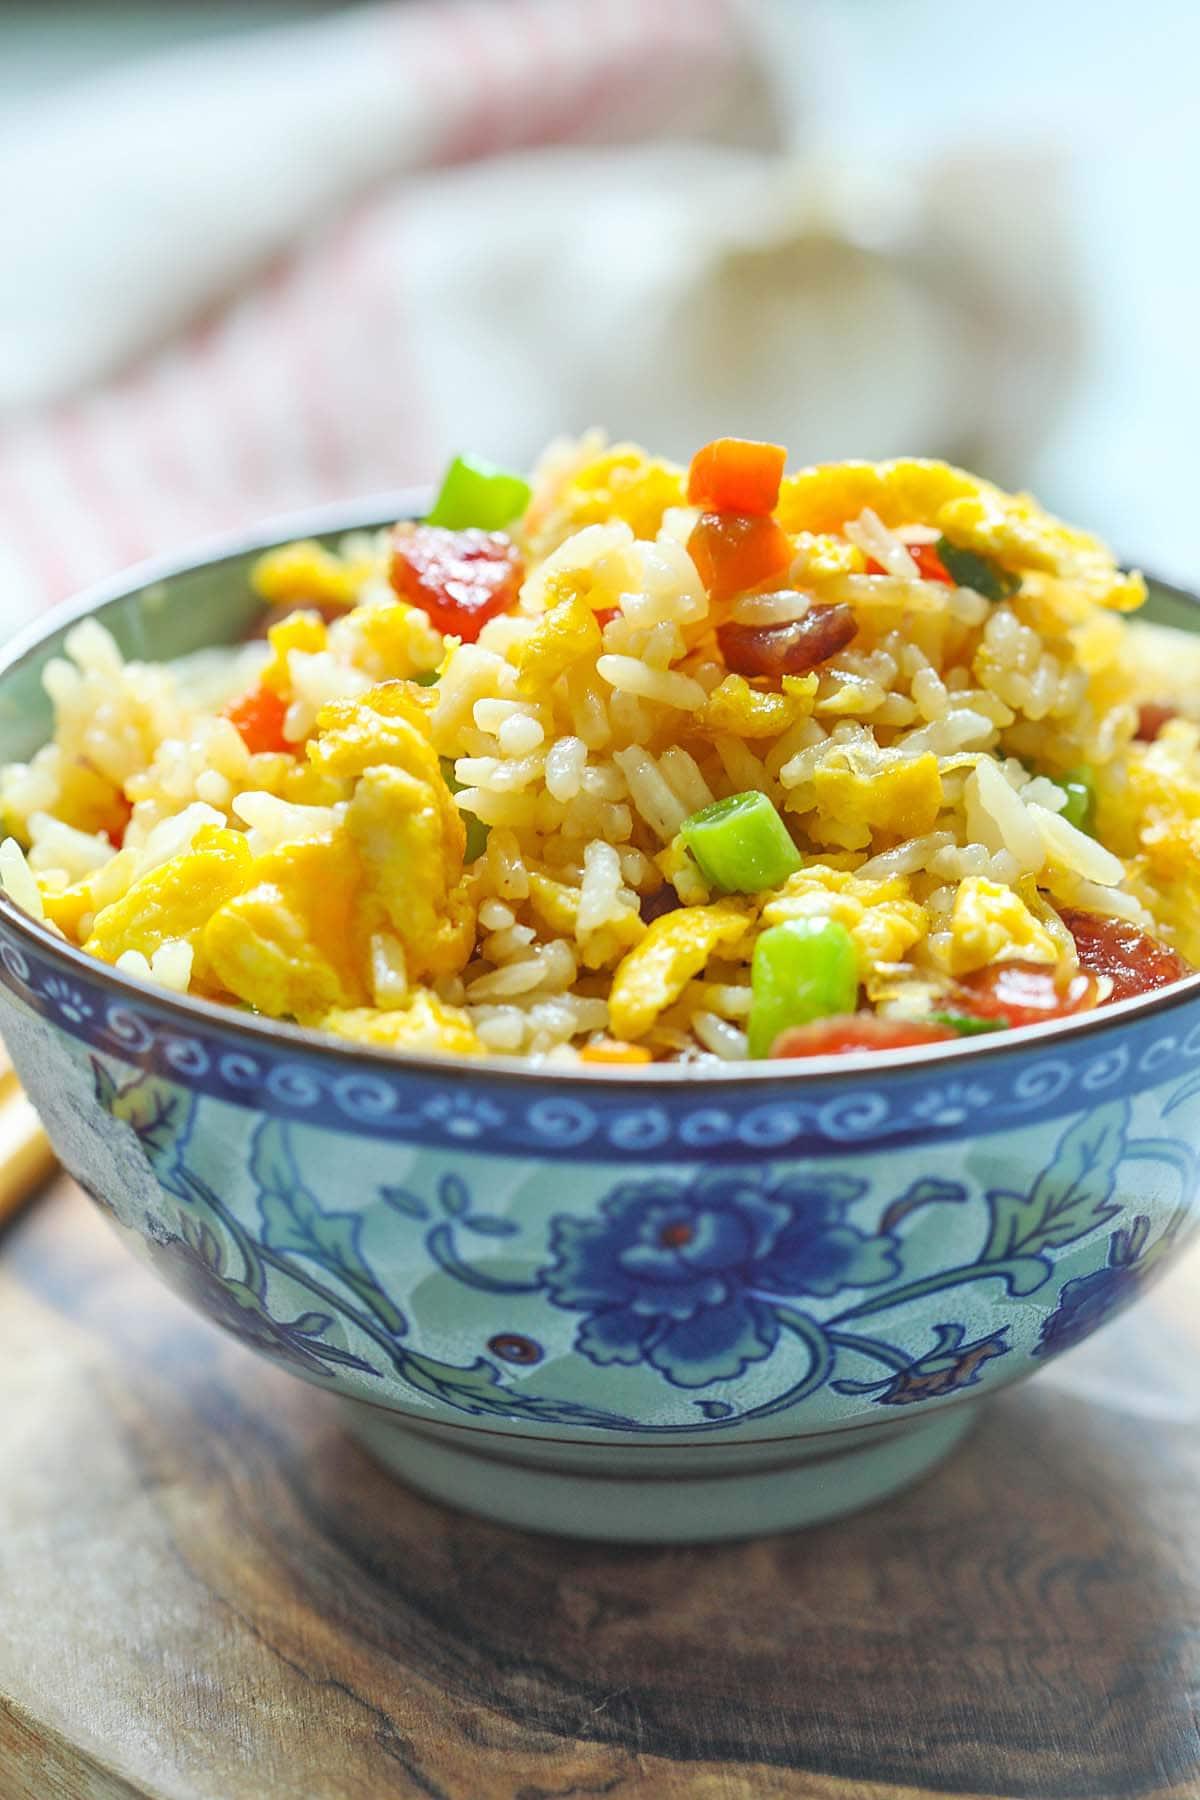 Recette de riz frit chinois avec saucisse chinoise ou lapcheong.